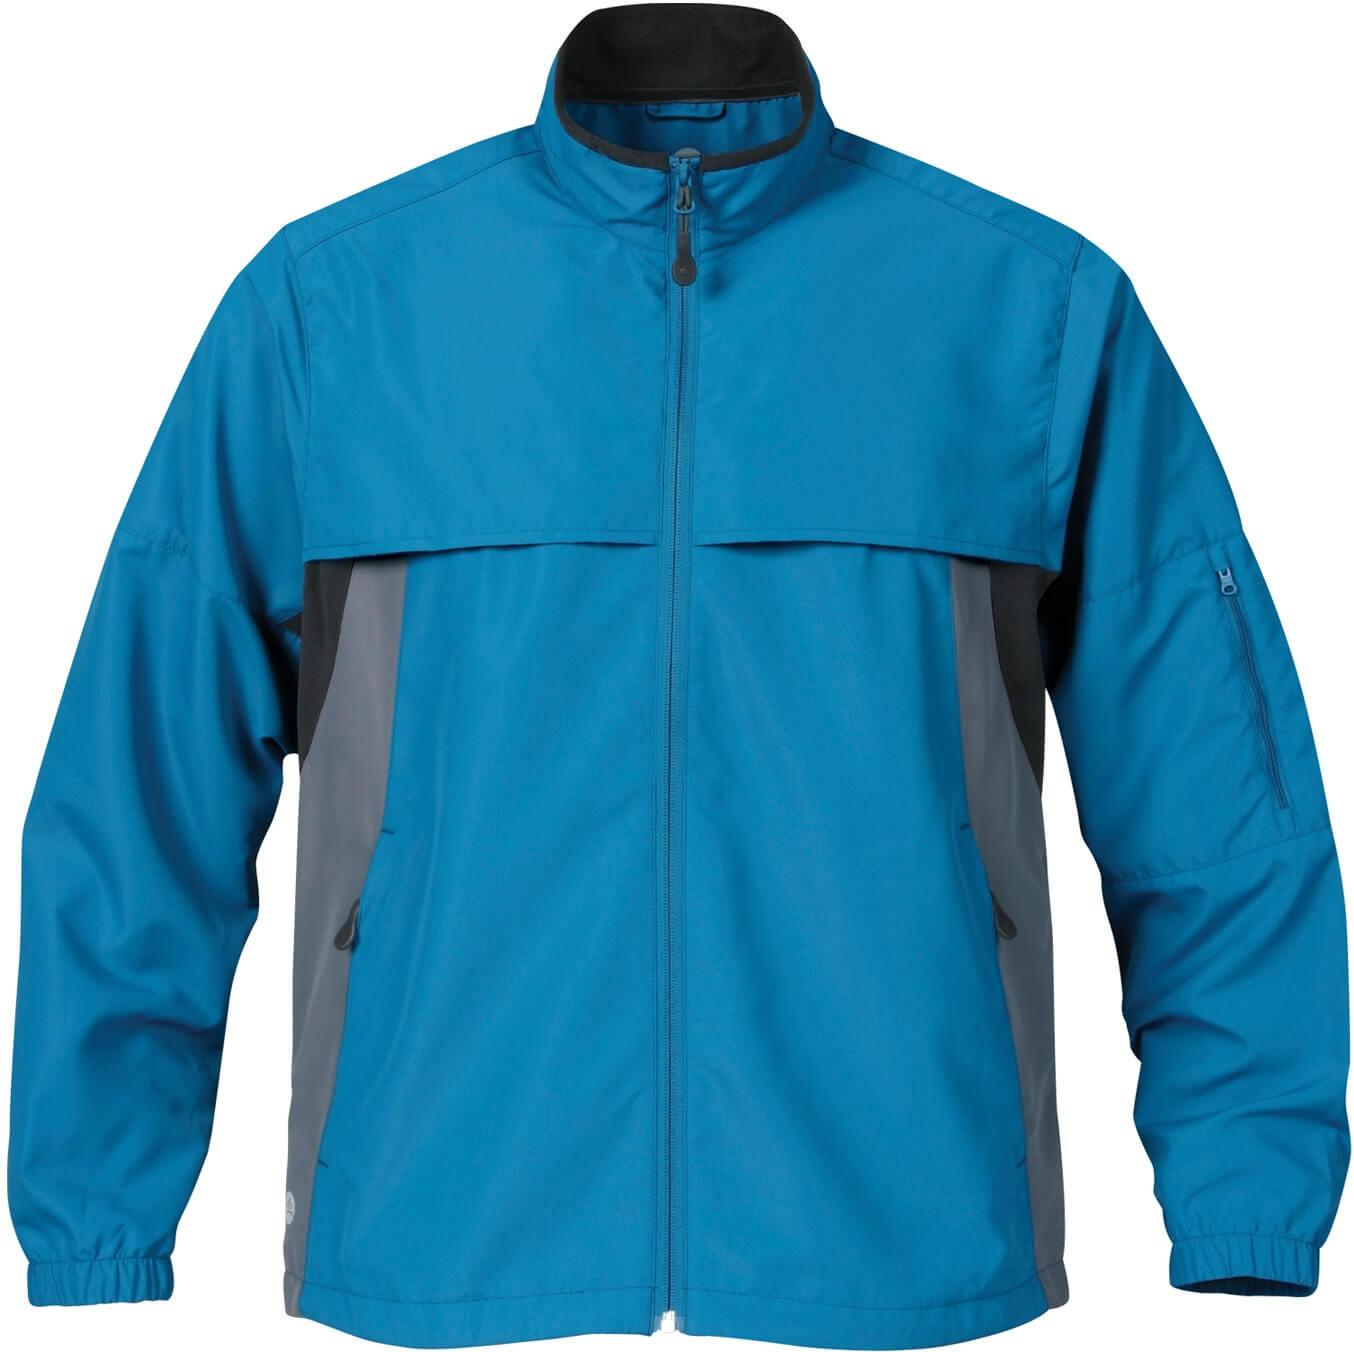 ADPAG53: Đồng phục áo gió xanh lá cây0